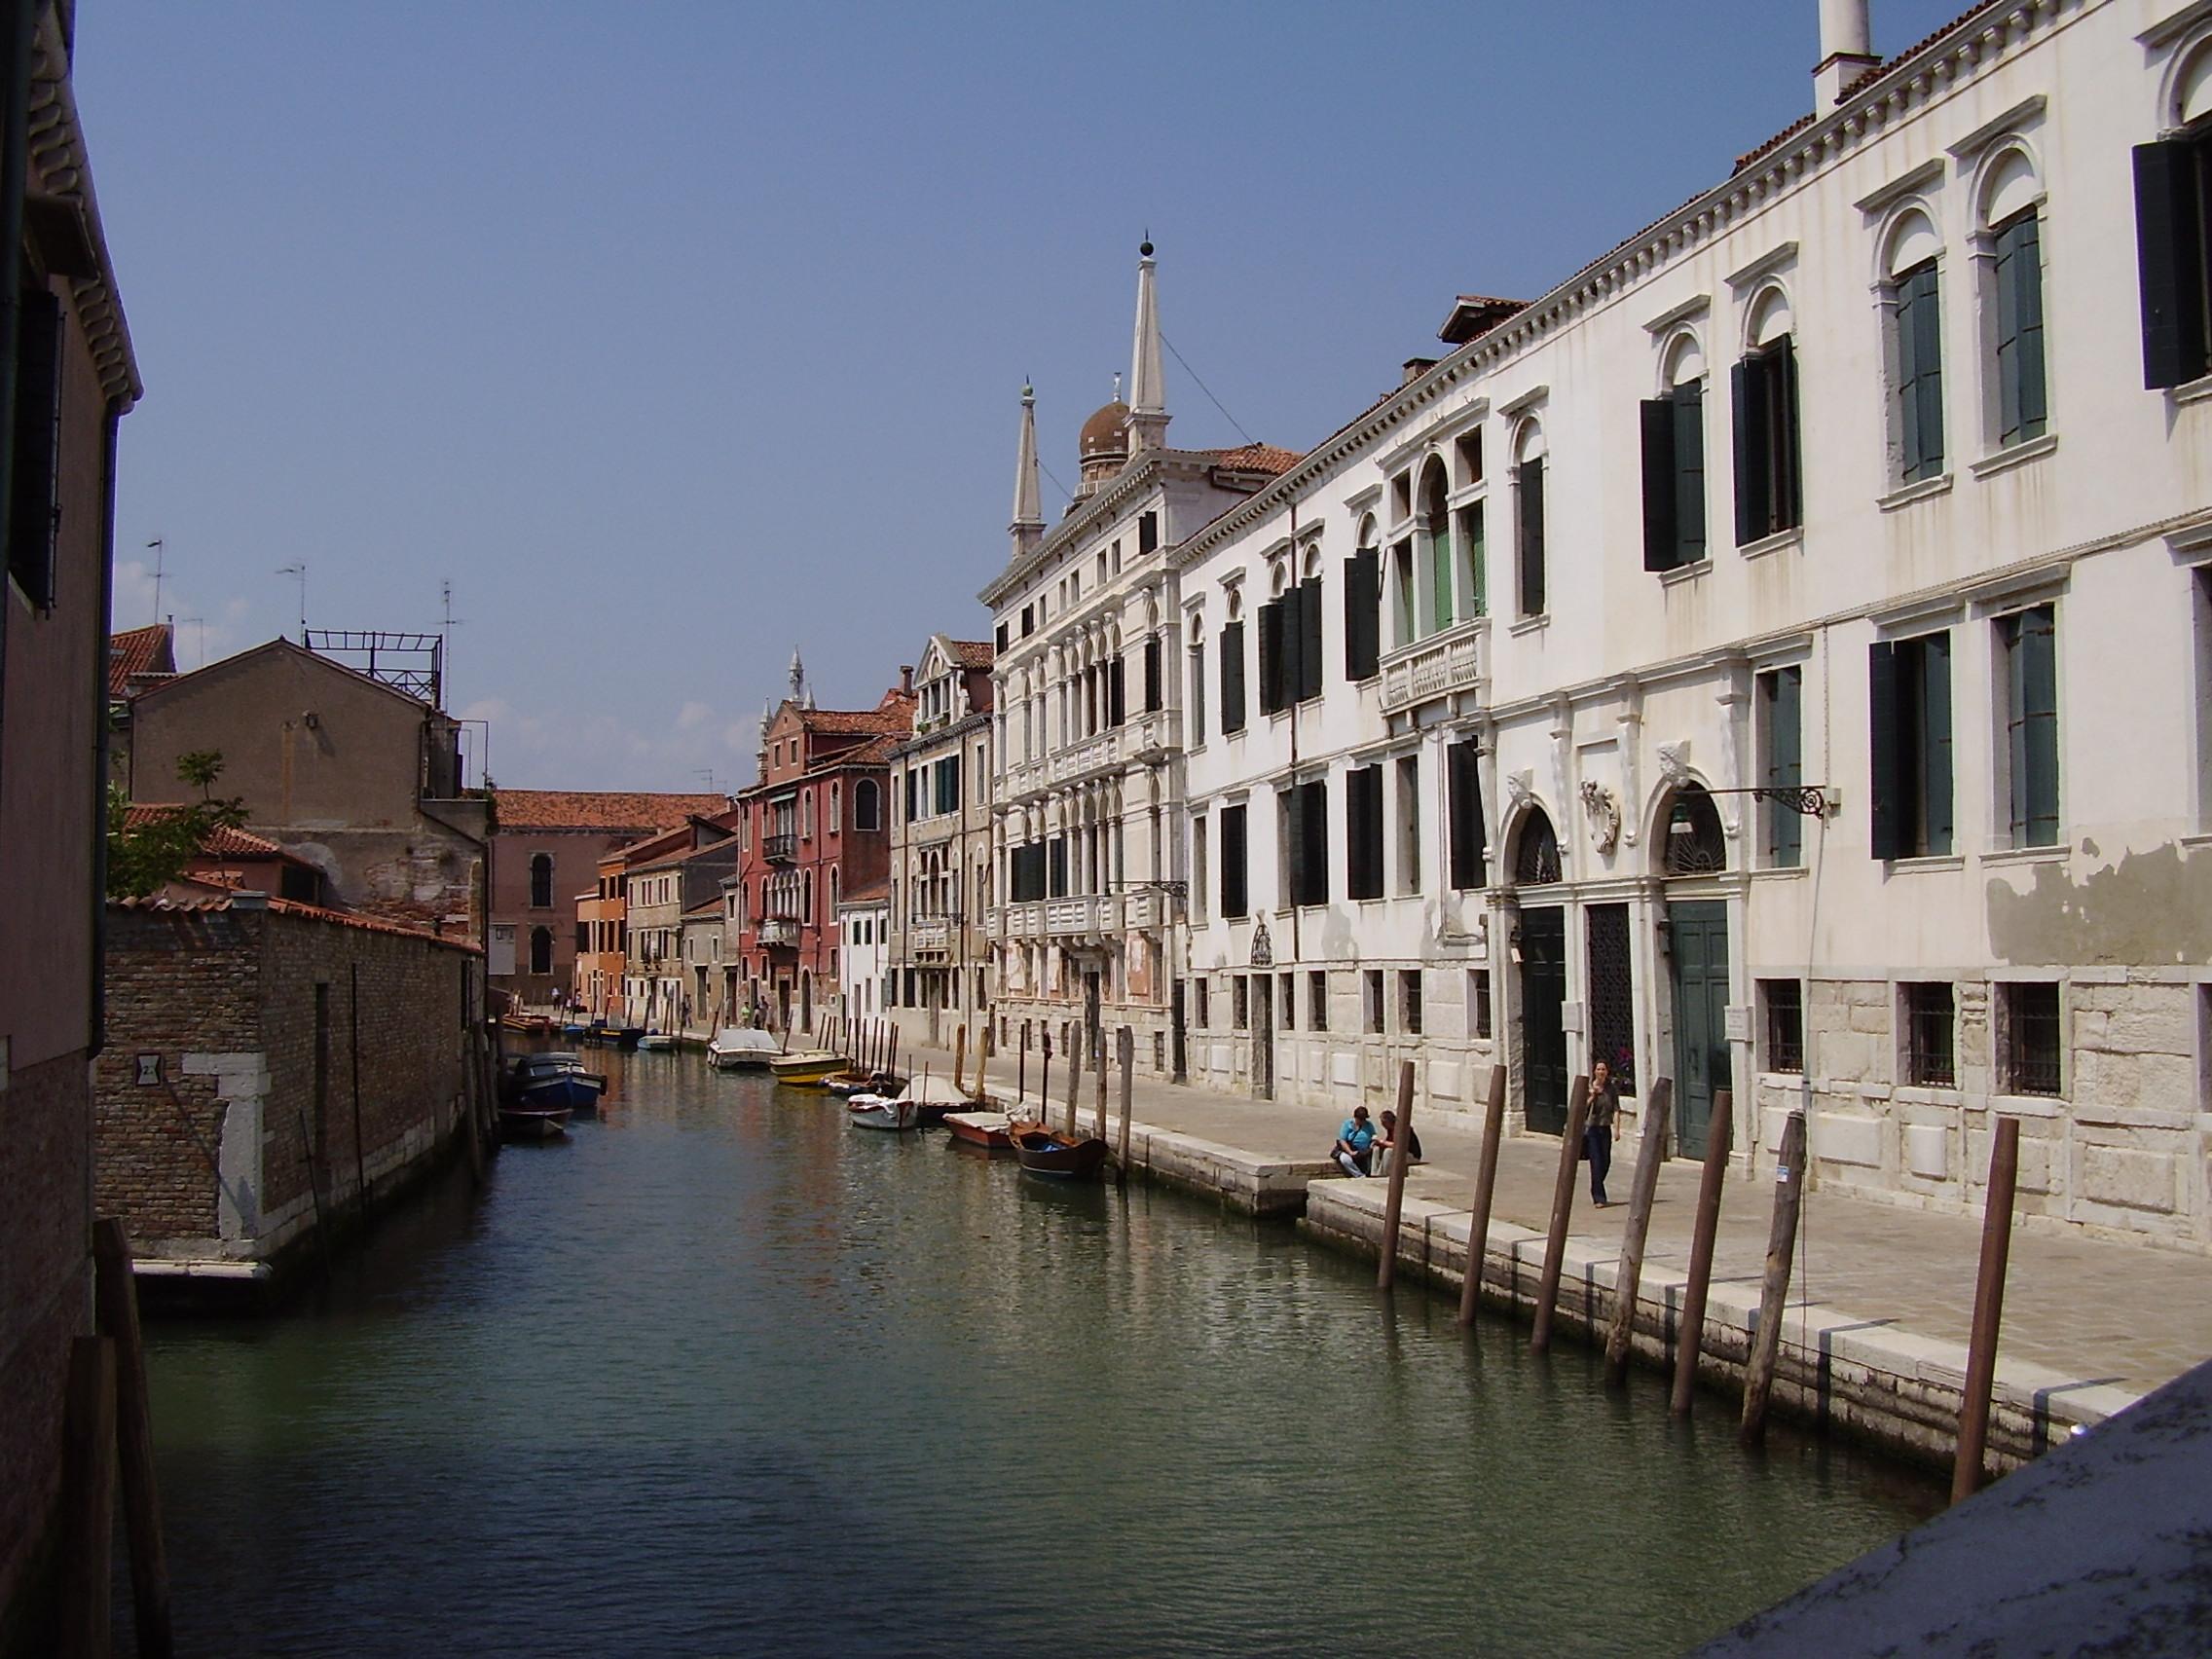 Каналы Венеции - Венето - частный гид по Италии